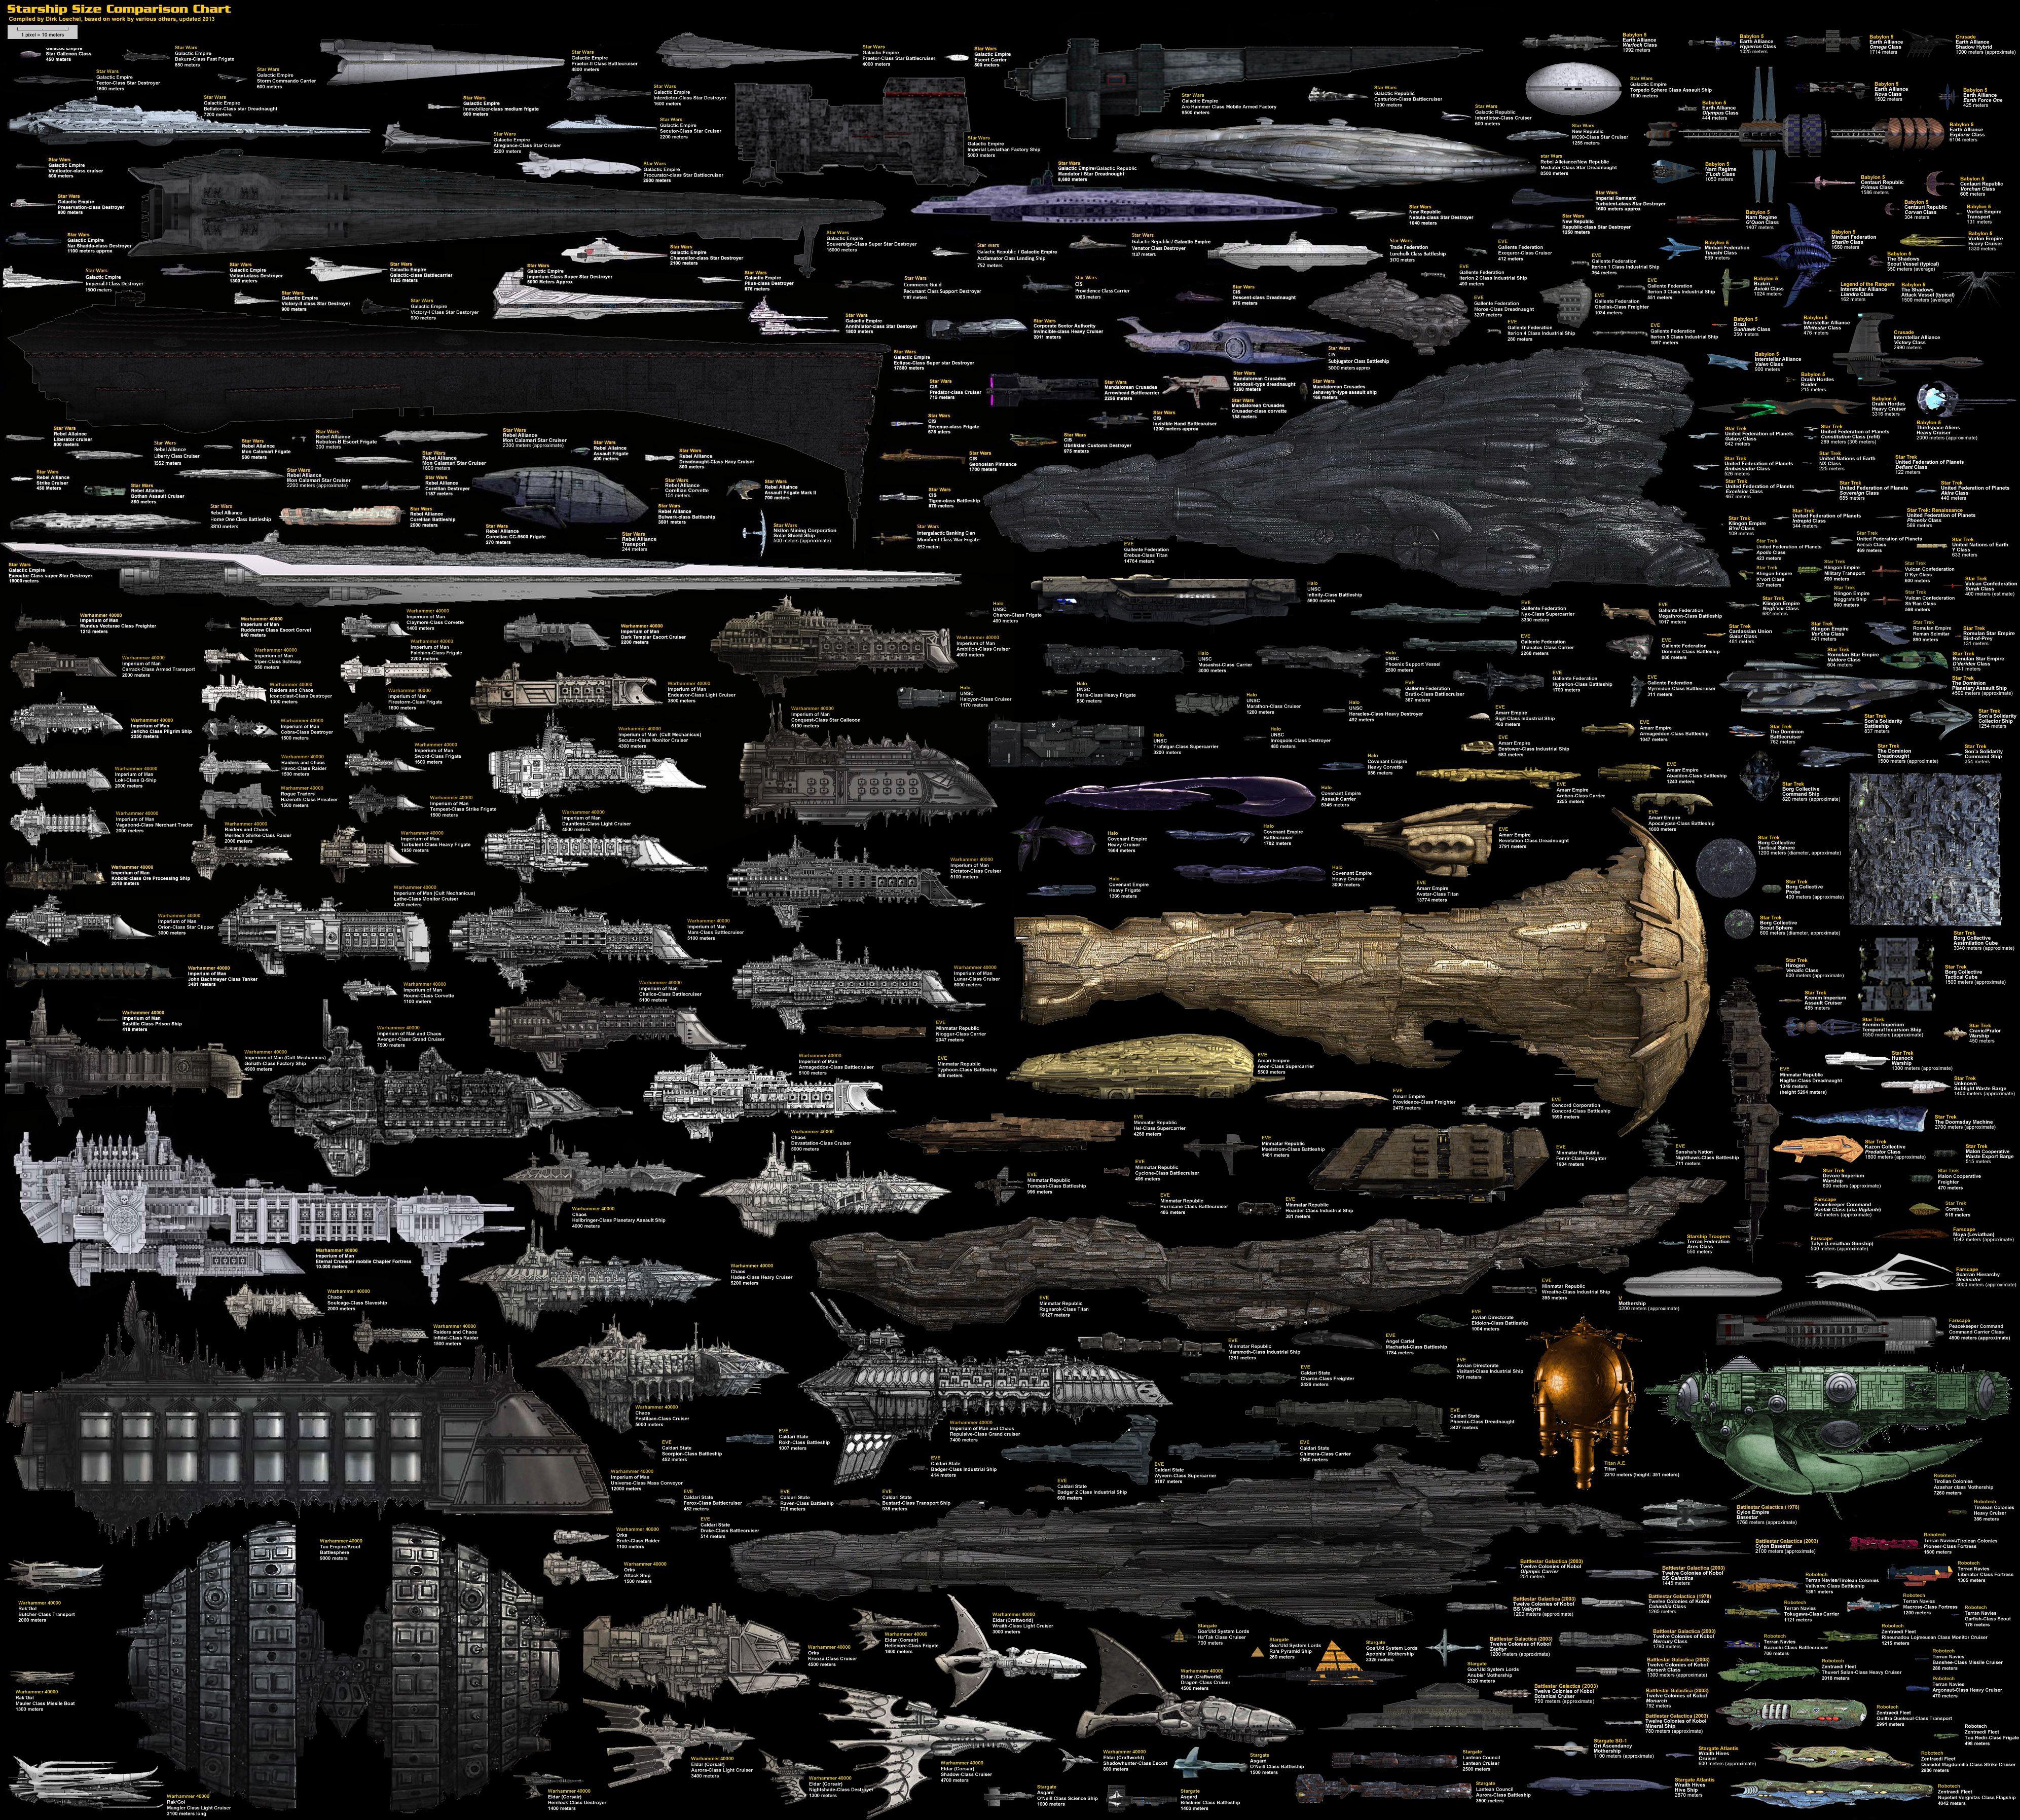 warhammer-40000-фэндомы-StarWars-Звездные-Войны-886567.jpeg